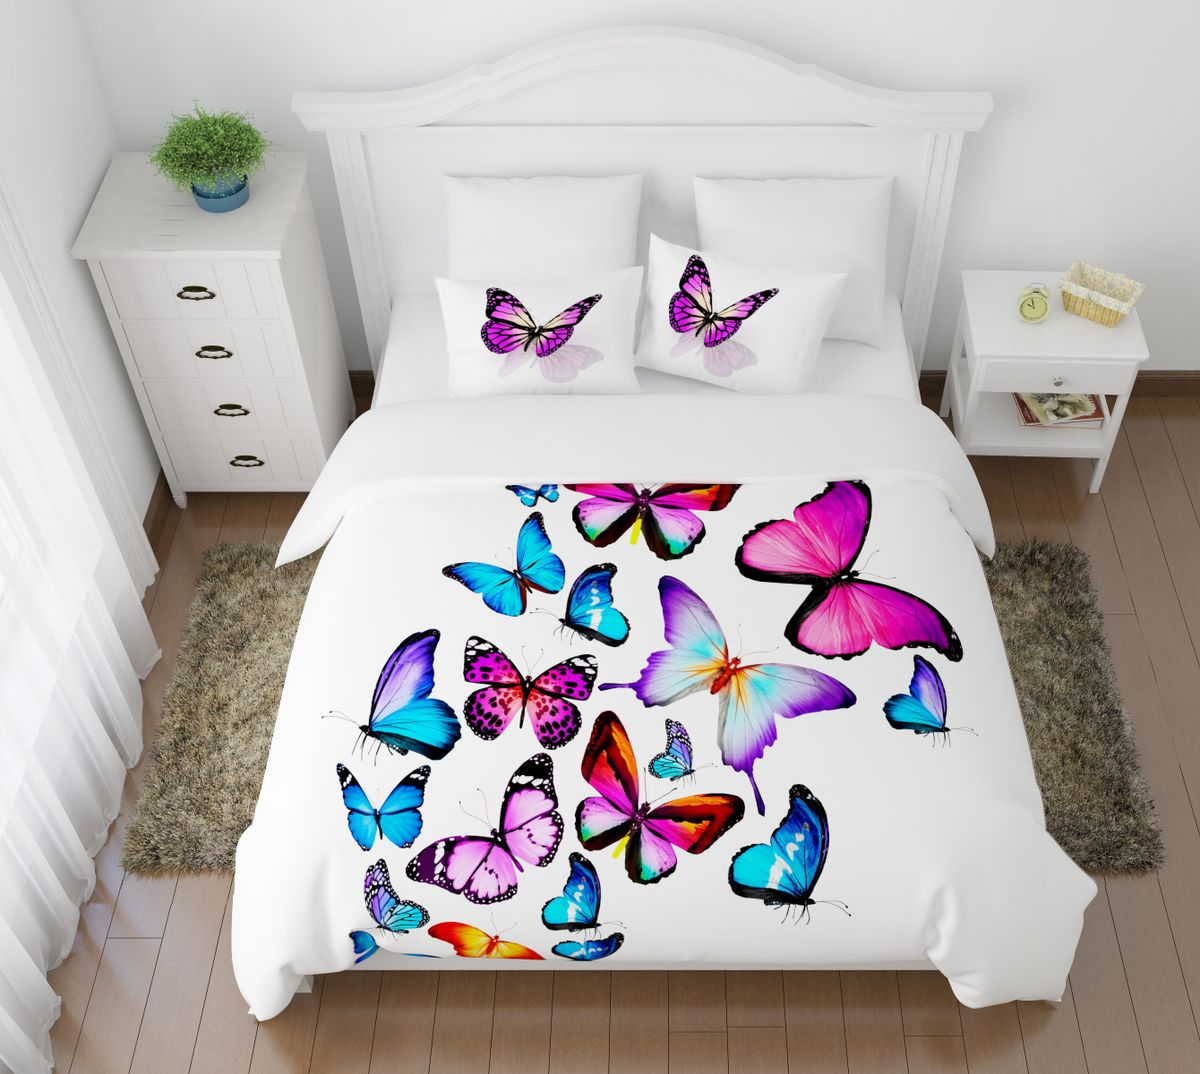 Комплект белья Сирень Яркие бабочки, 1,5-спальный, наволочки 50x7008447-КПБ-МКомплект постельного белья Сирень состоит из простыни, пододеяльника и 2 наволочек. Комплект выполнен из современных гипоаллергенных материалов. Приятный при прикосновении сатин - гарантия здорового, спокойного сна. Ткань хорошо впитывает влагу, надолго сохраняет яркость красок. Четкий, изящный рисунок в сочетании с насыщенными красками делает комплект постельного белья неповторимой изюминкой любого интерьера. Постельное белье идеально подойдет для подарка.